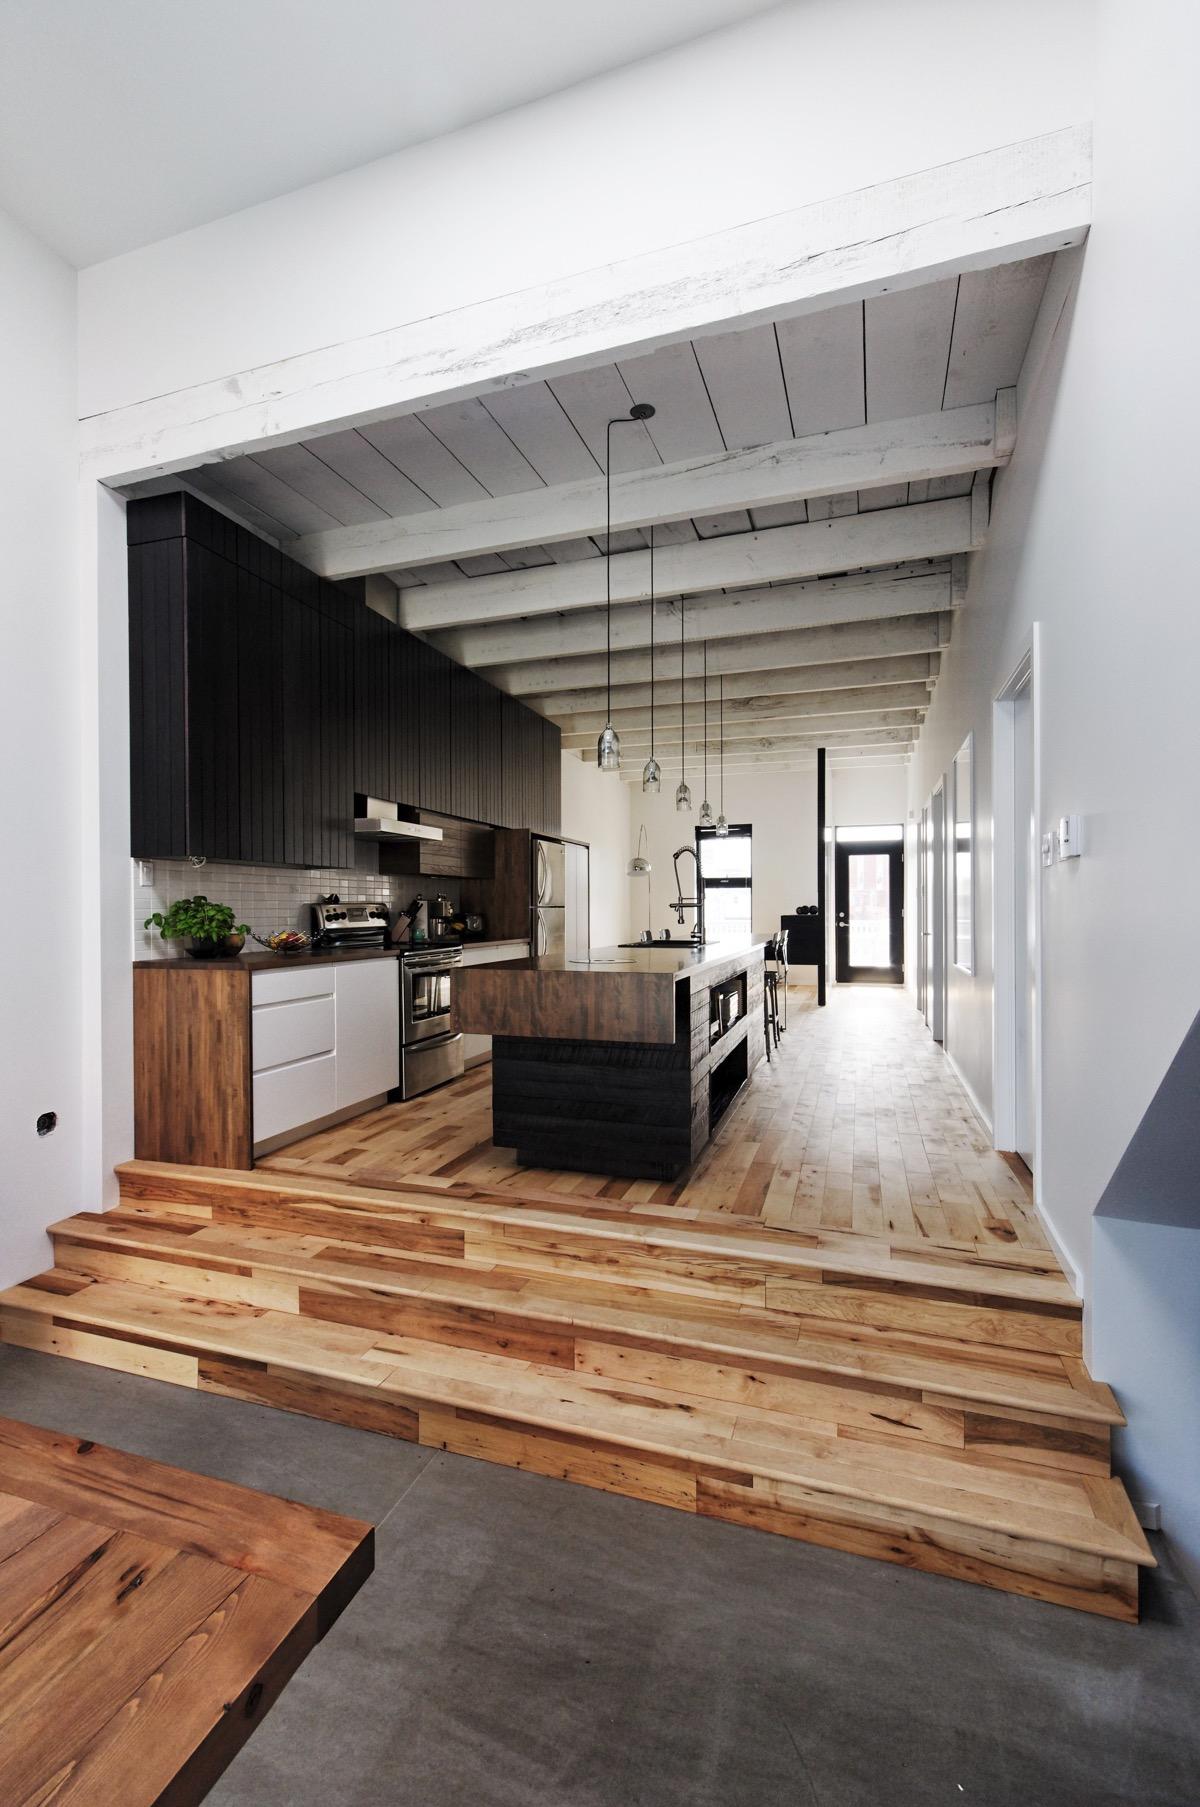 wooden floor kitchen design